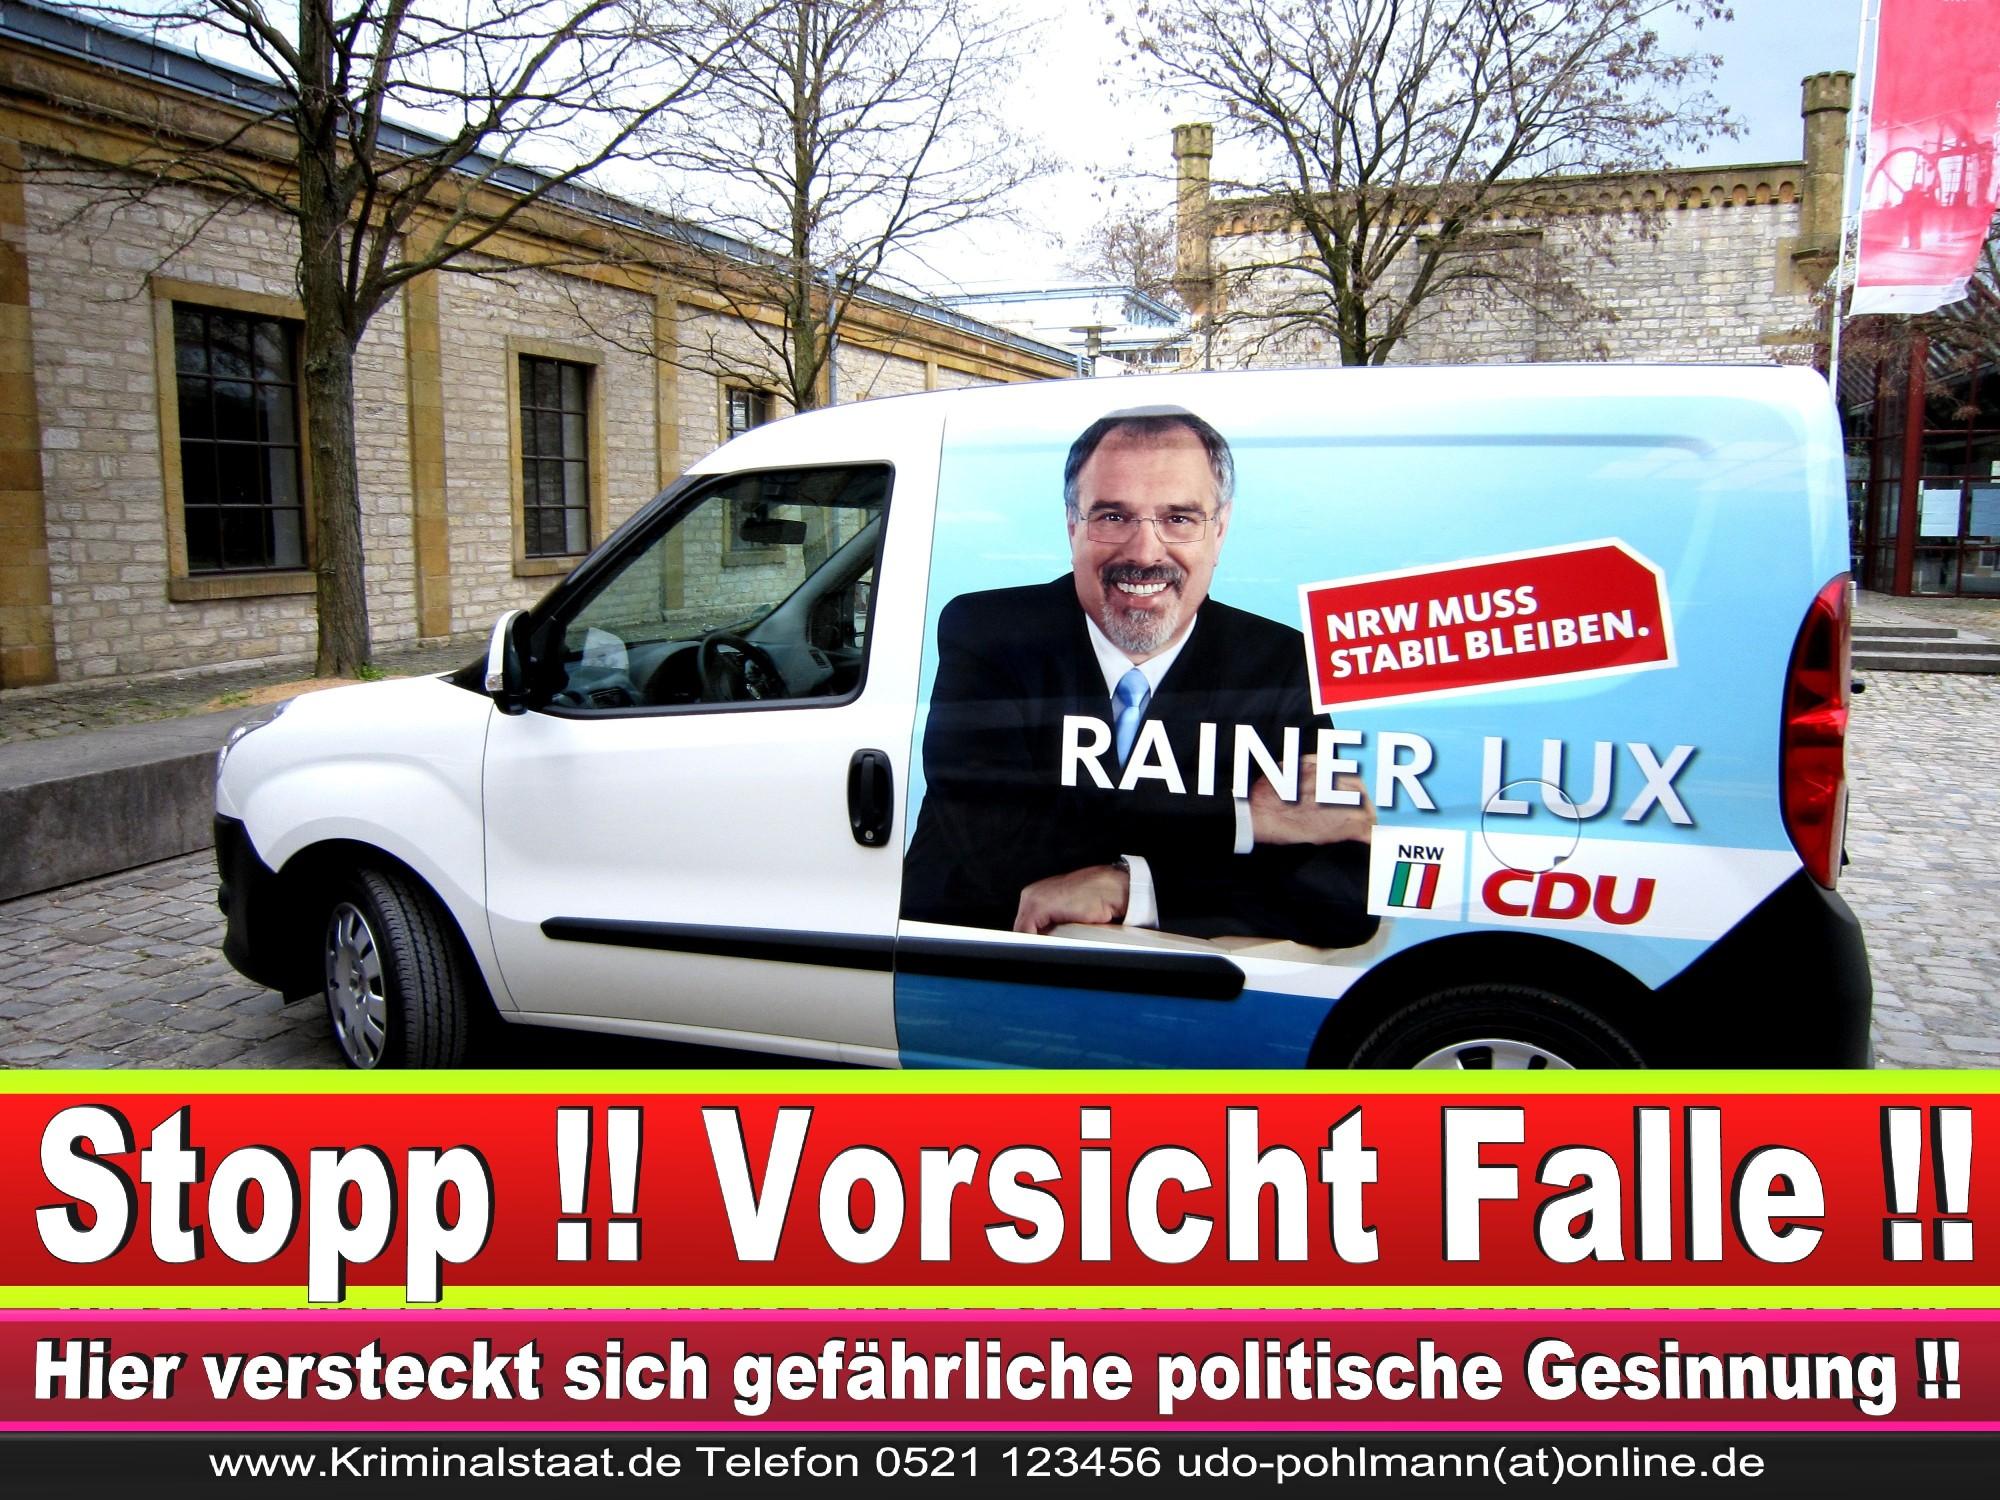 Wahlwerbung Wahlplakate Landtagswahl 2019 Europawahl CDU SPD FDP 2021 (6)